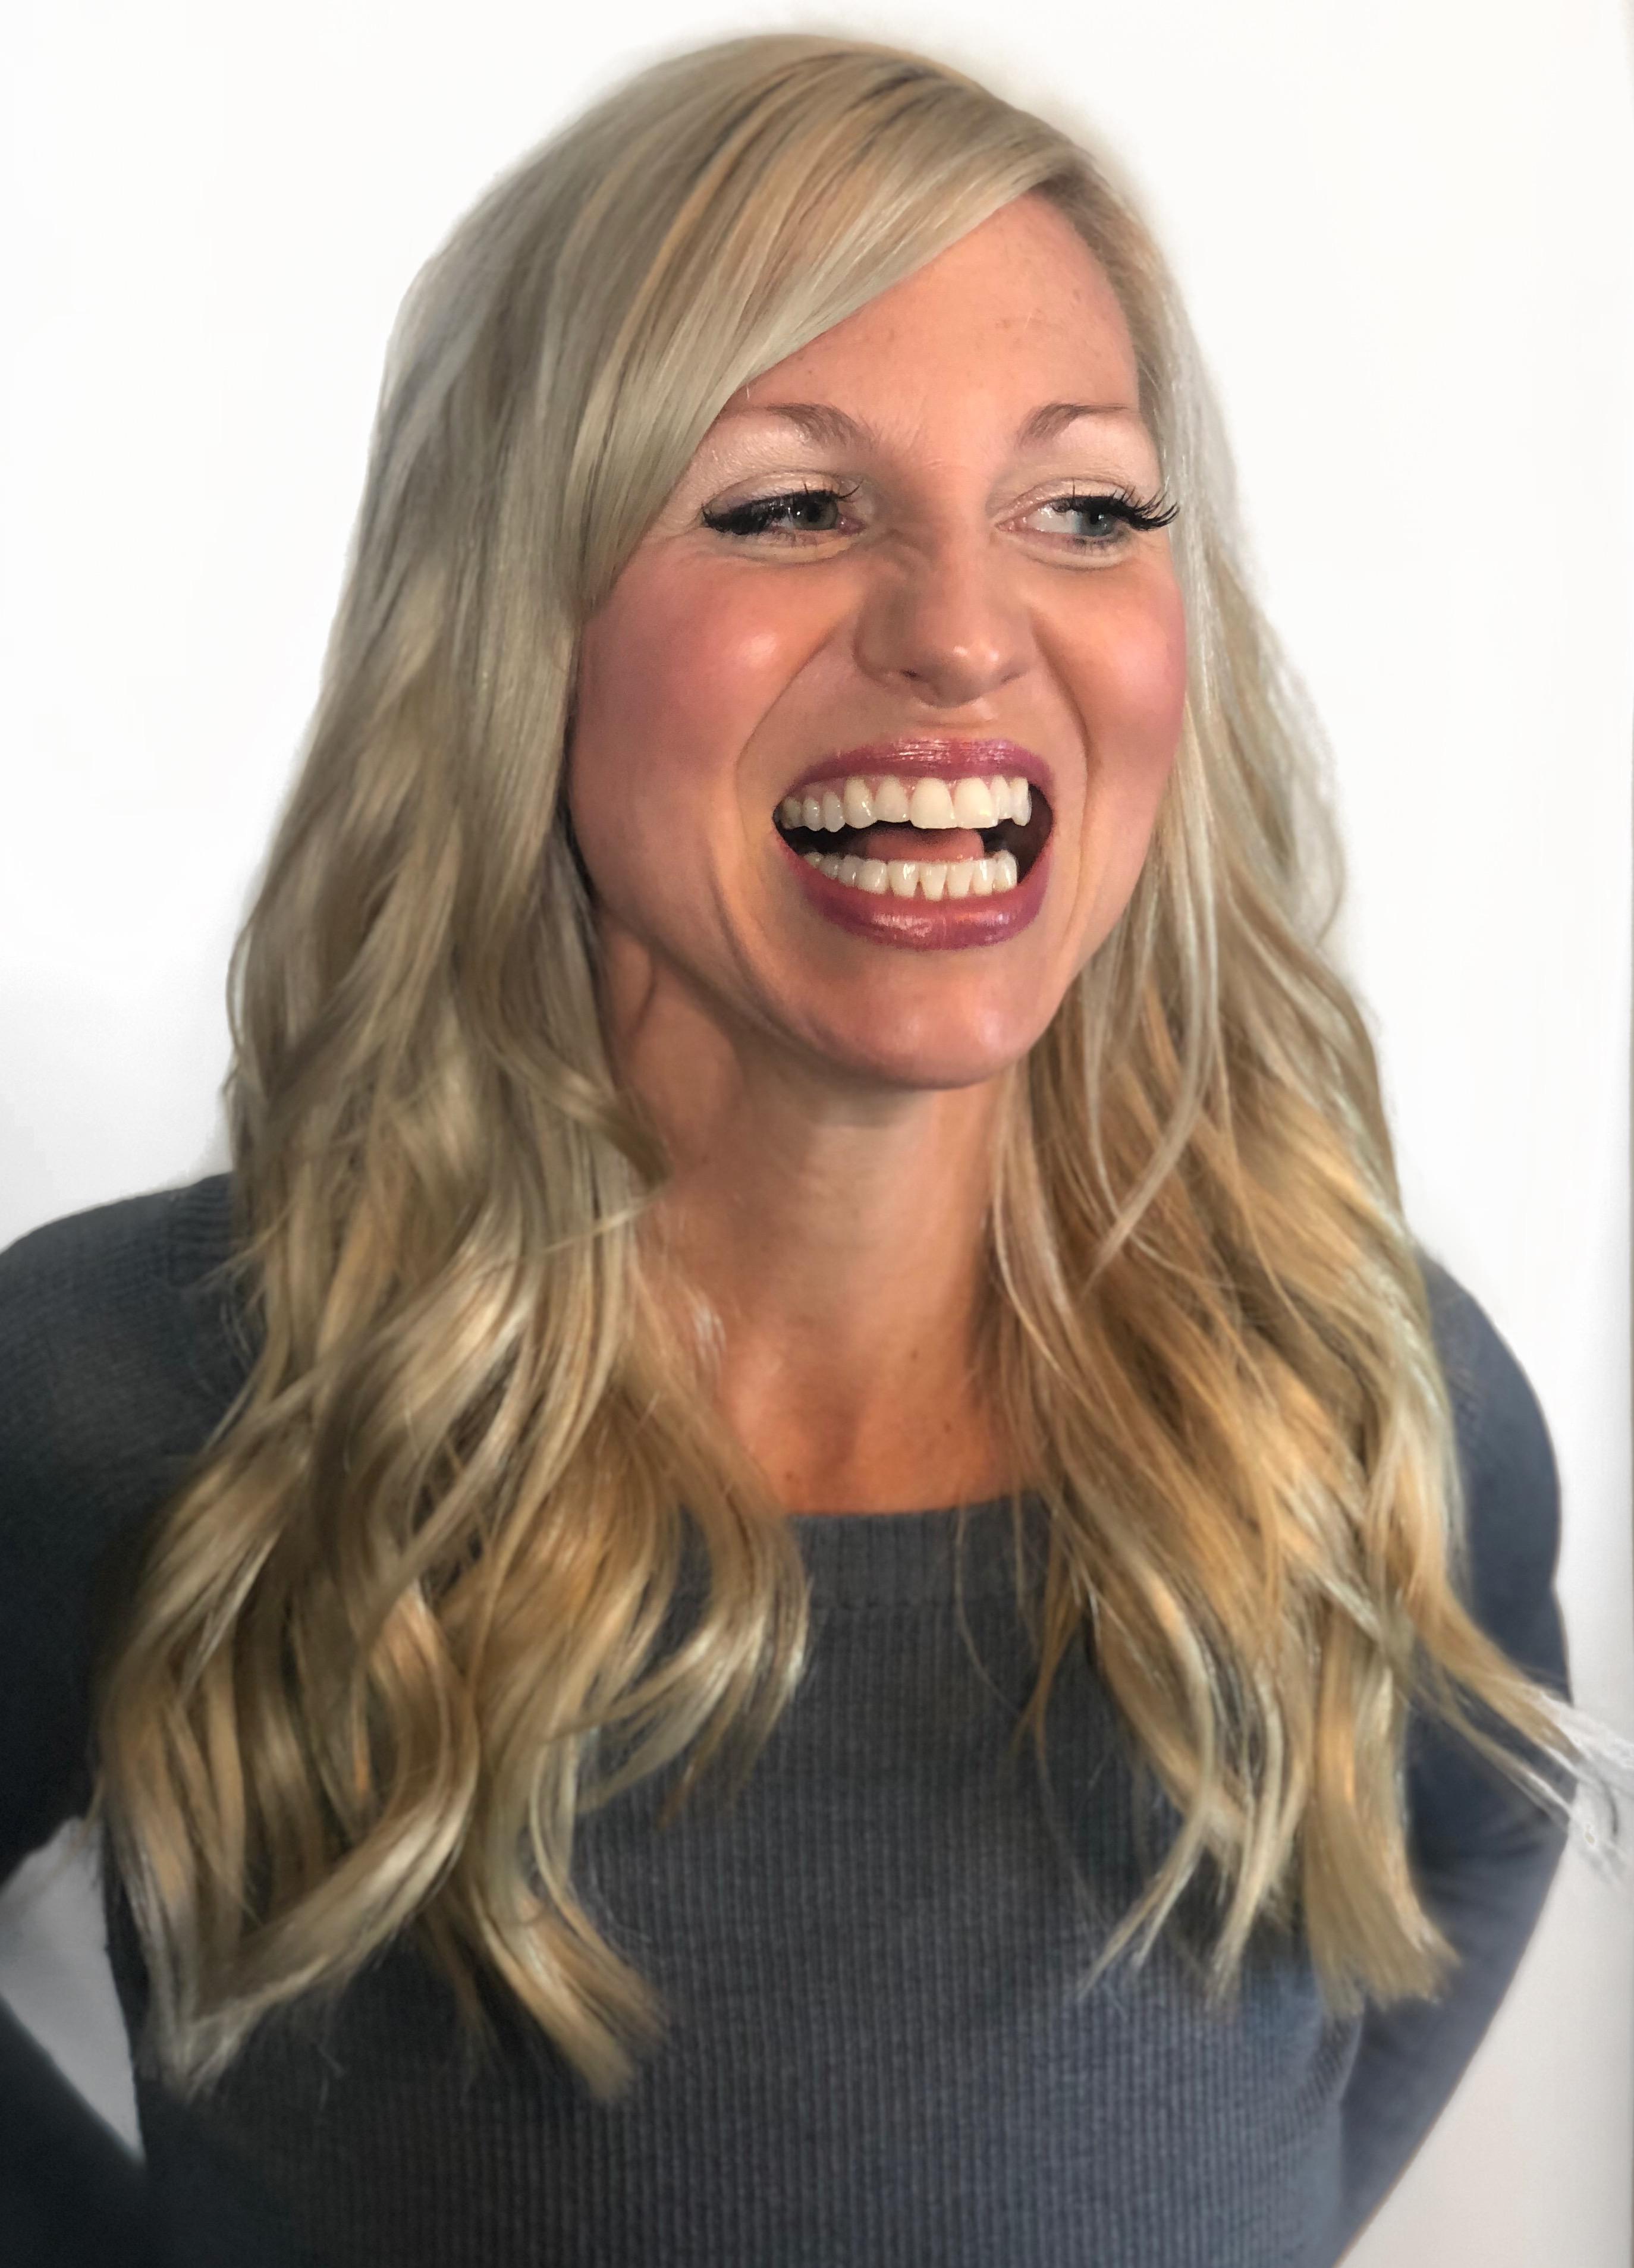 Jessica Craig